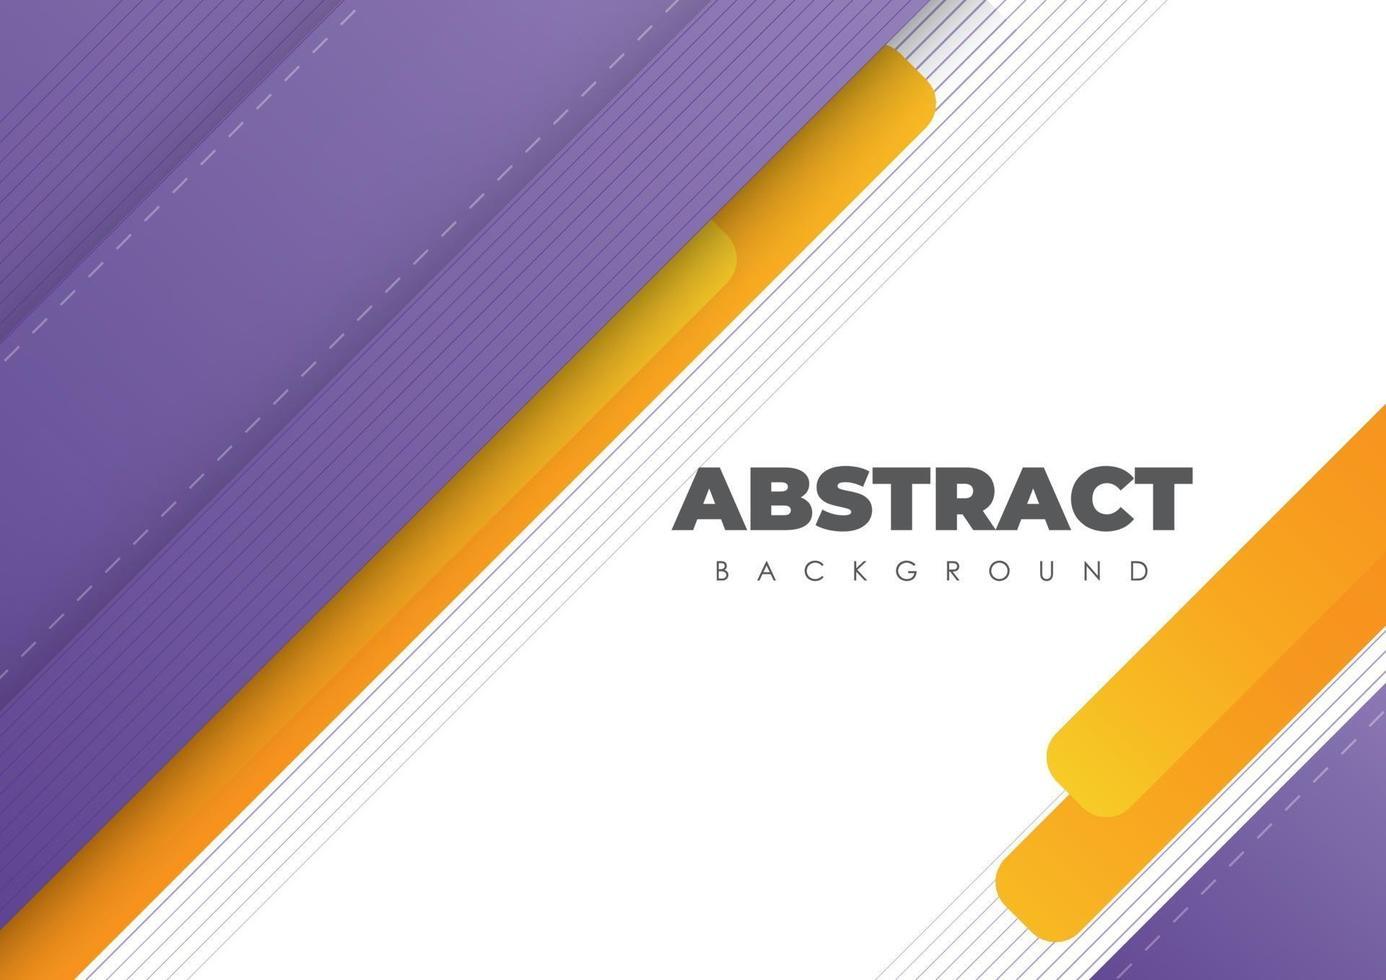 Diseño moderno de fondo abstracto con líneas diagonales moradas y naranjas vector